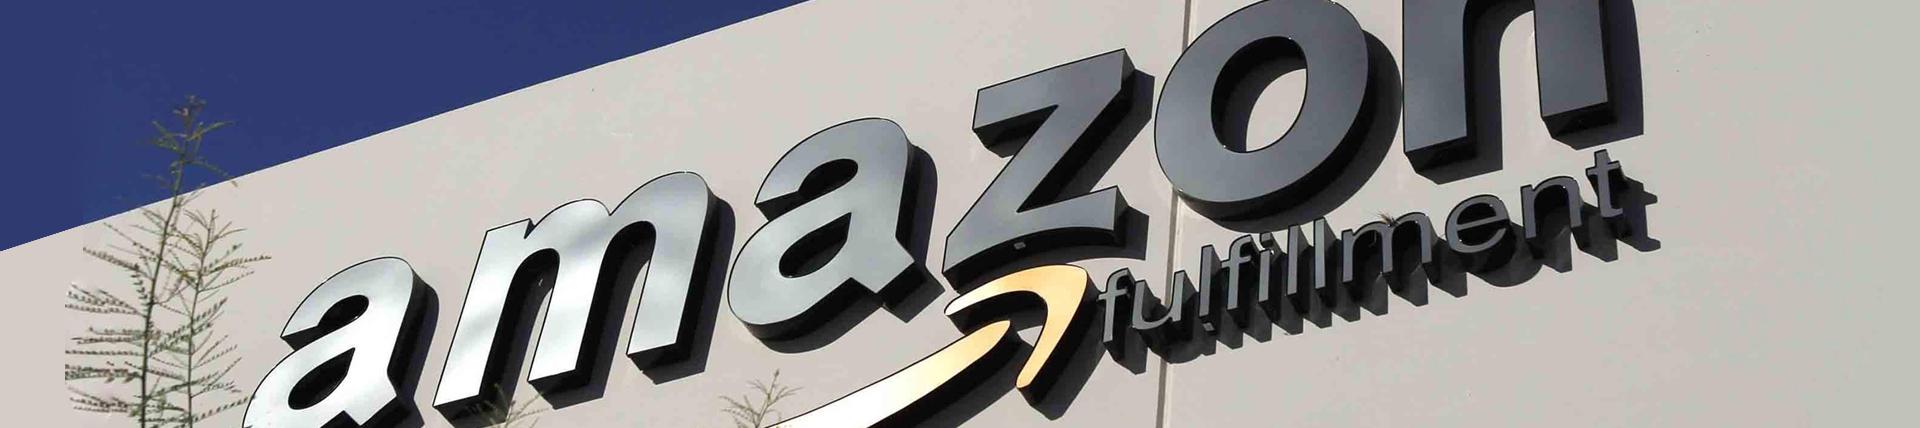 """亚马逊注册大量和""""Eero""""相关的域名,背后竟然与智能家居有关"""